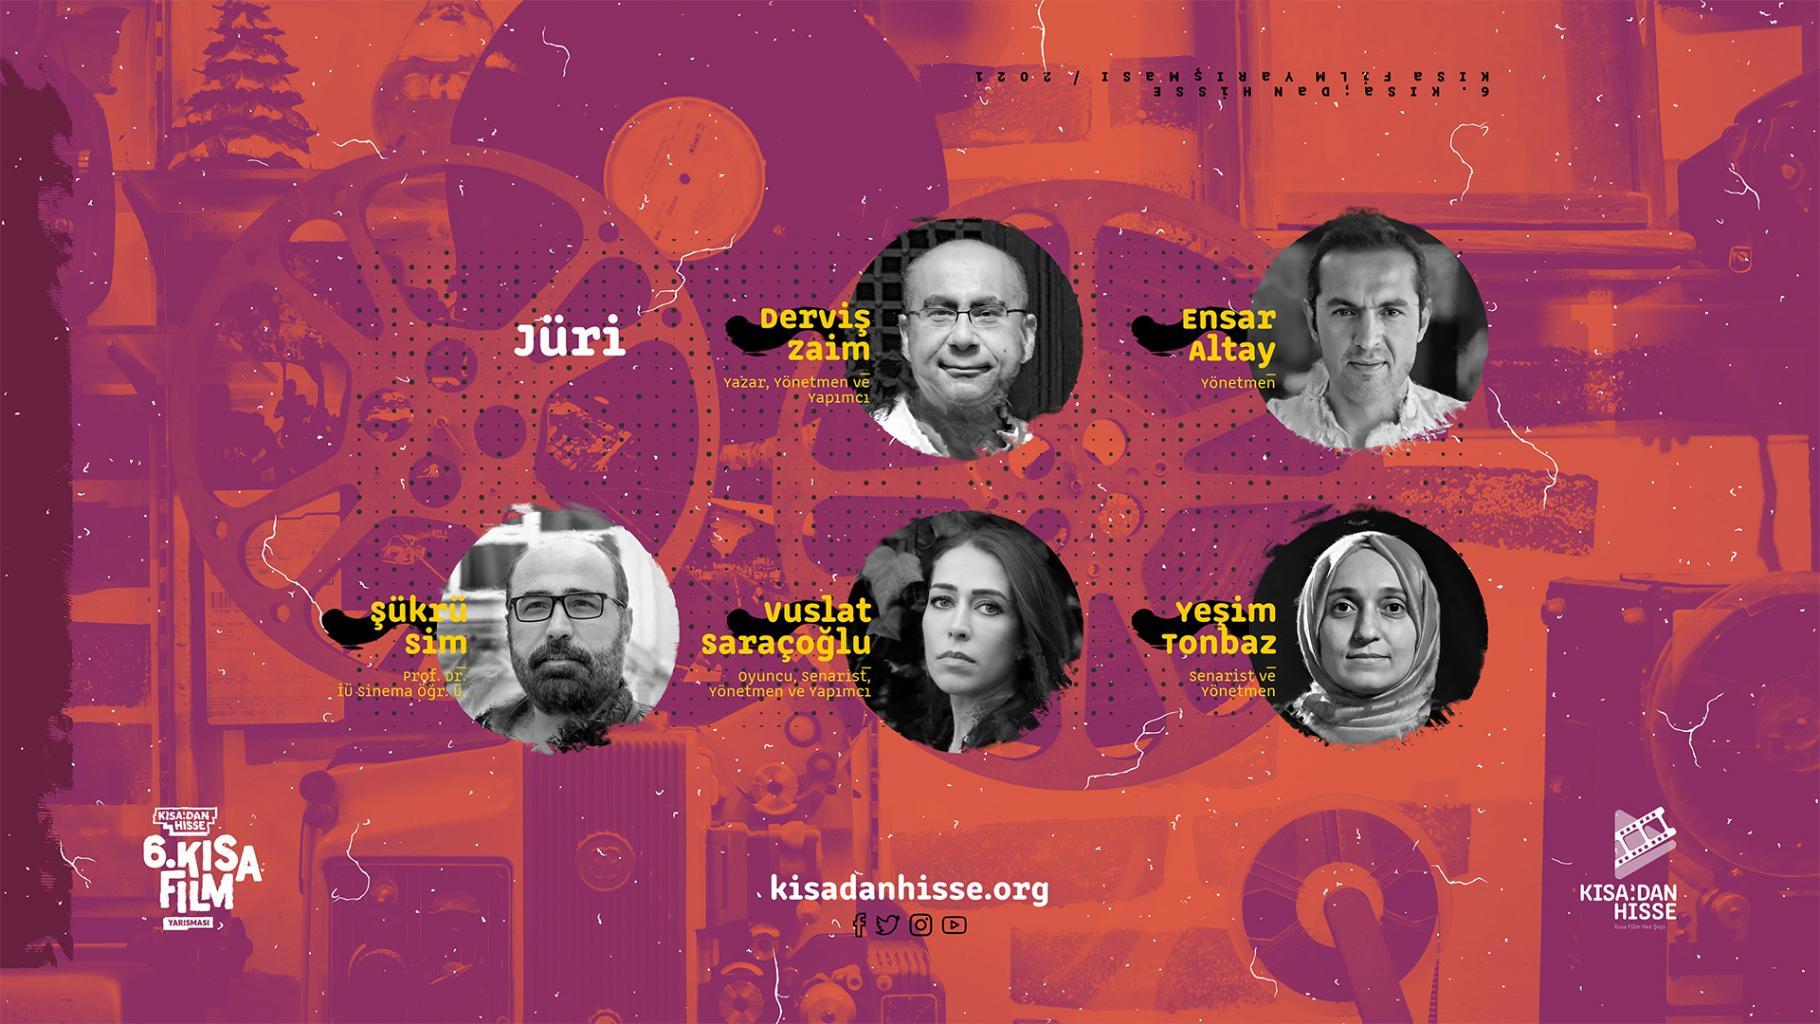 6.Kısadan Hisse Kısa Film Yarışması Jürisi